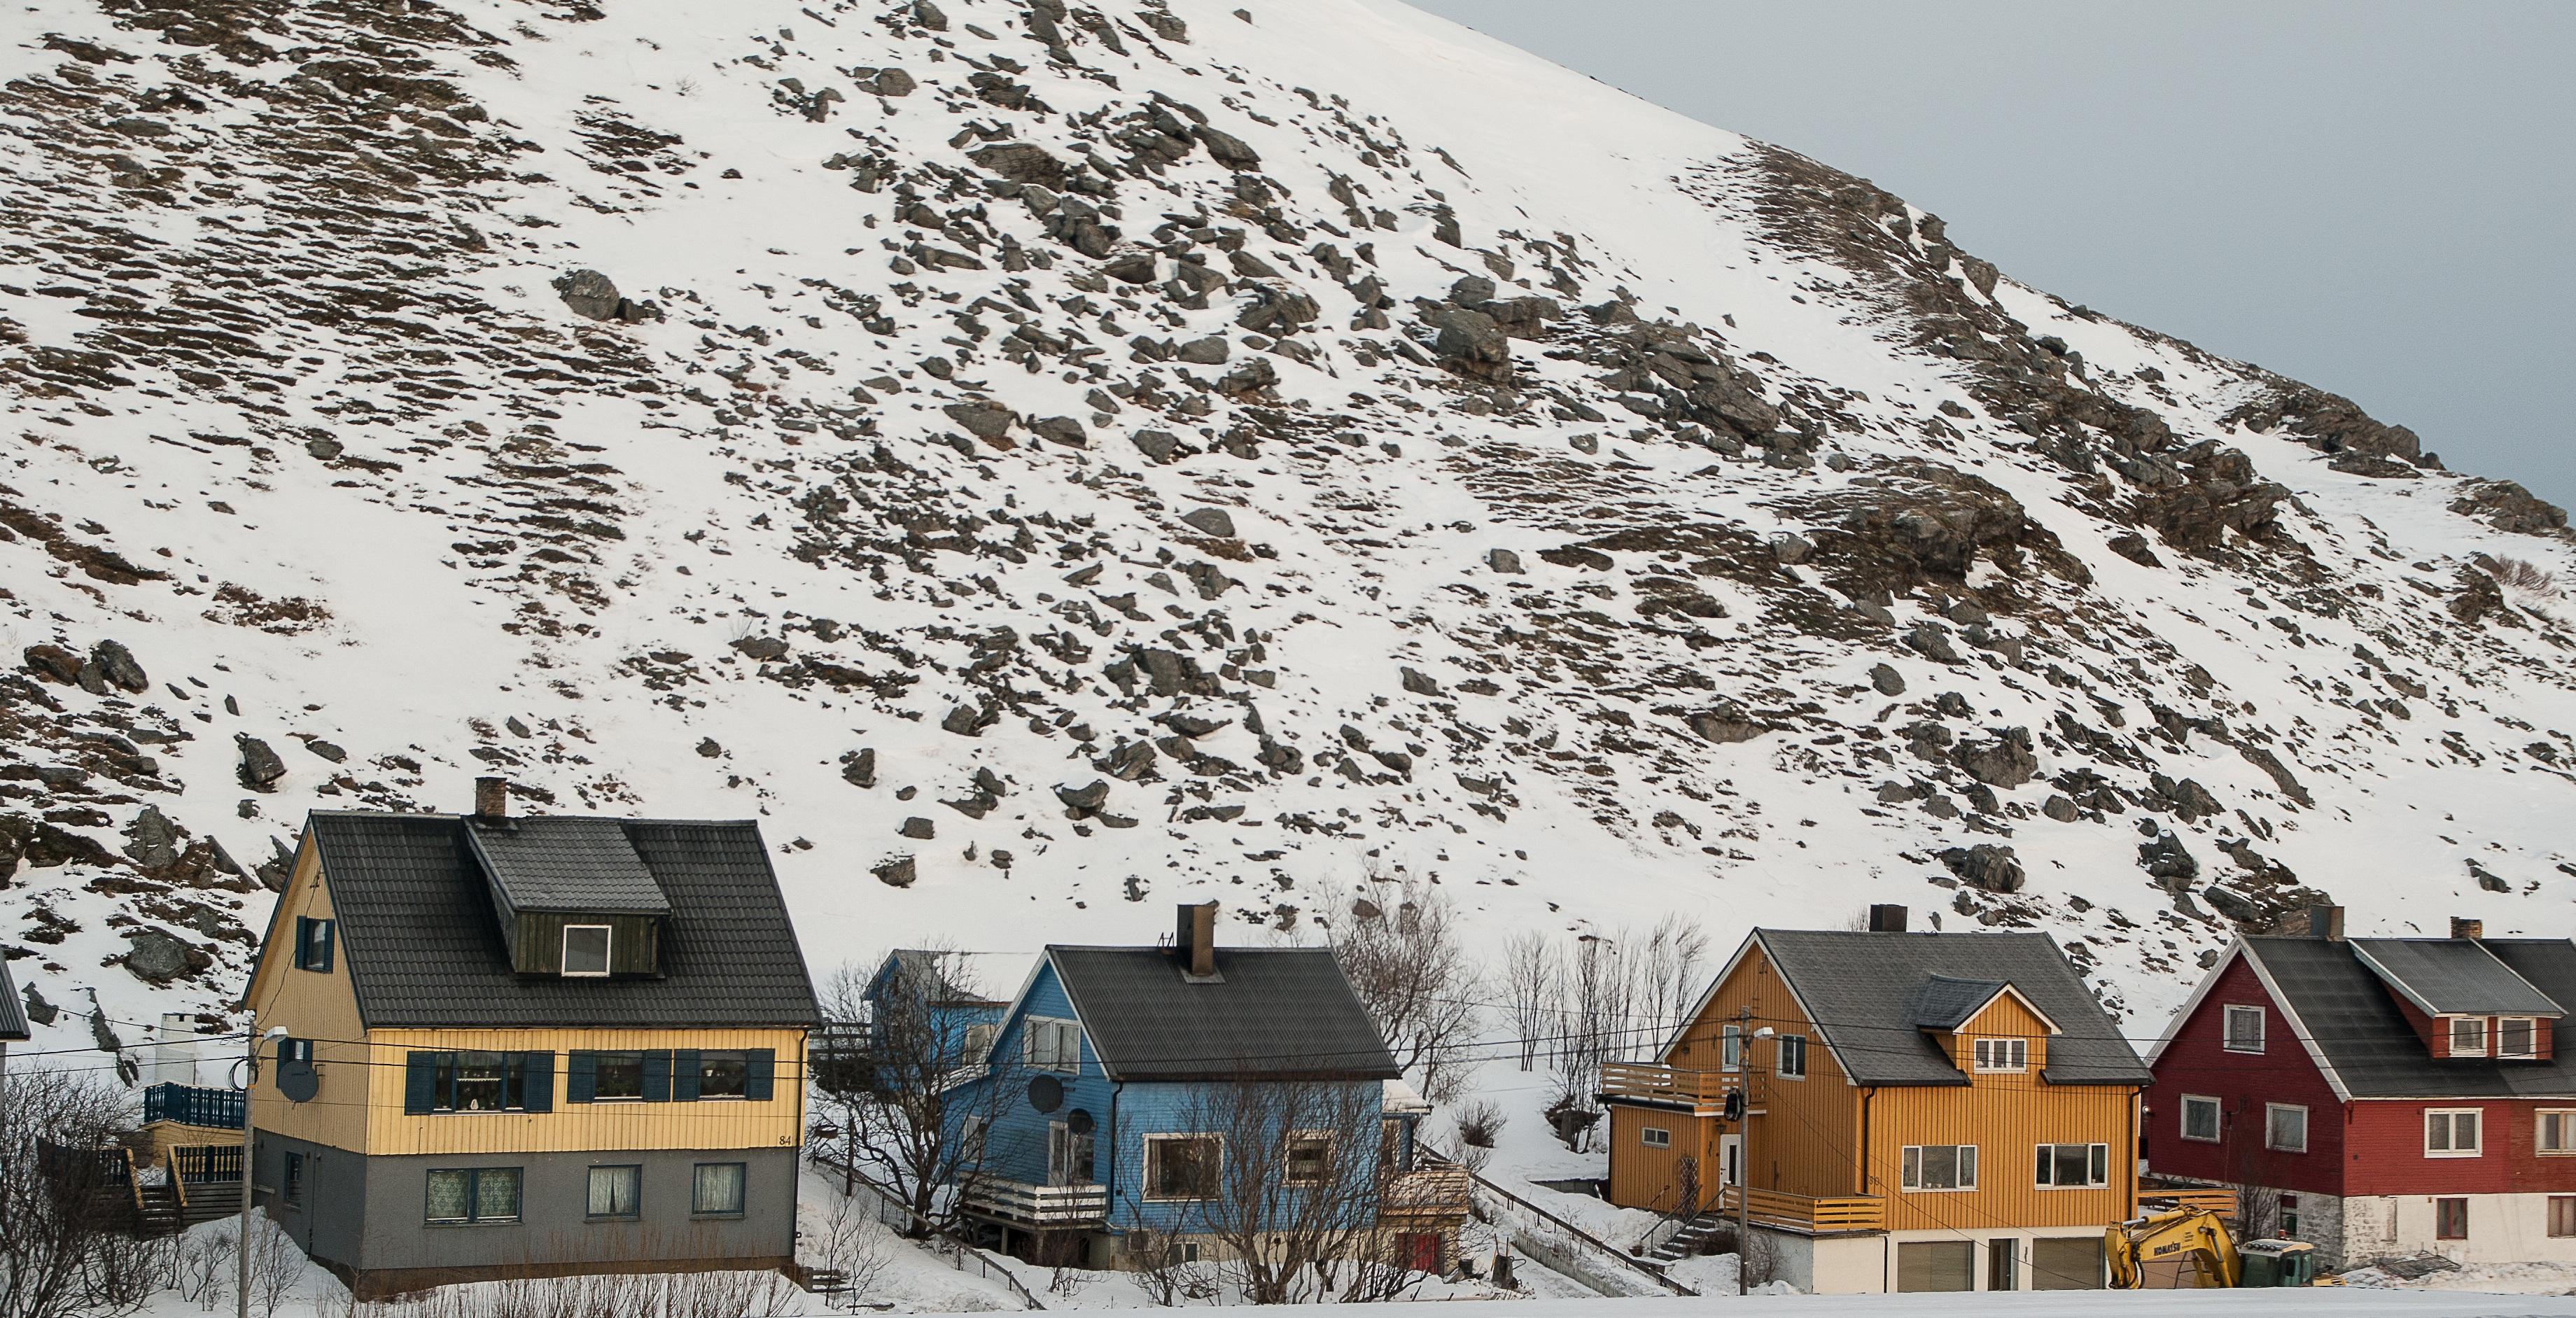 Kostenlose foto berg schnee winter haus stadt for Norwegen haus